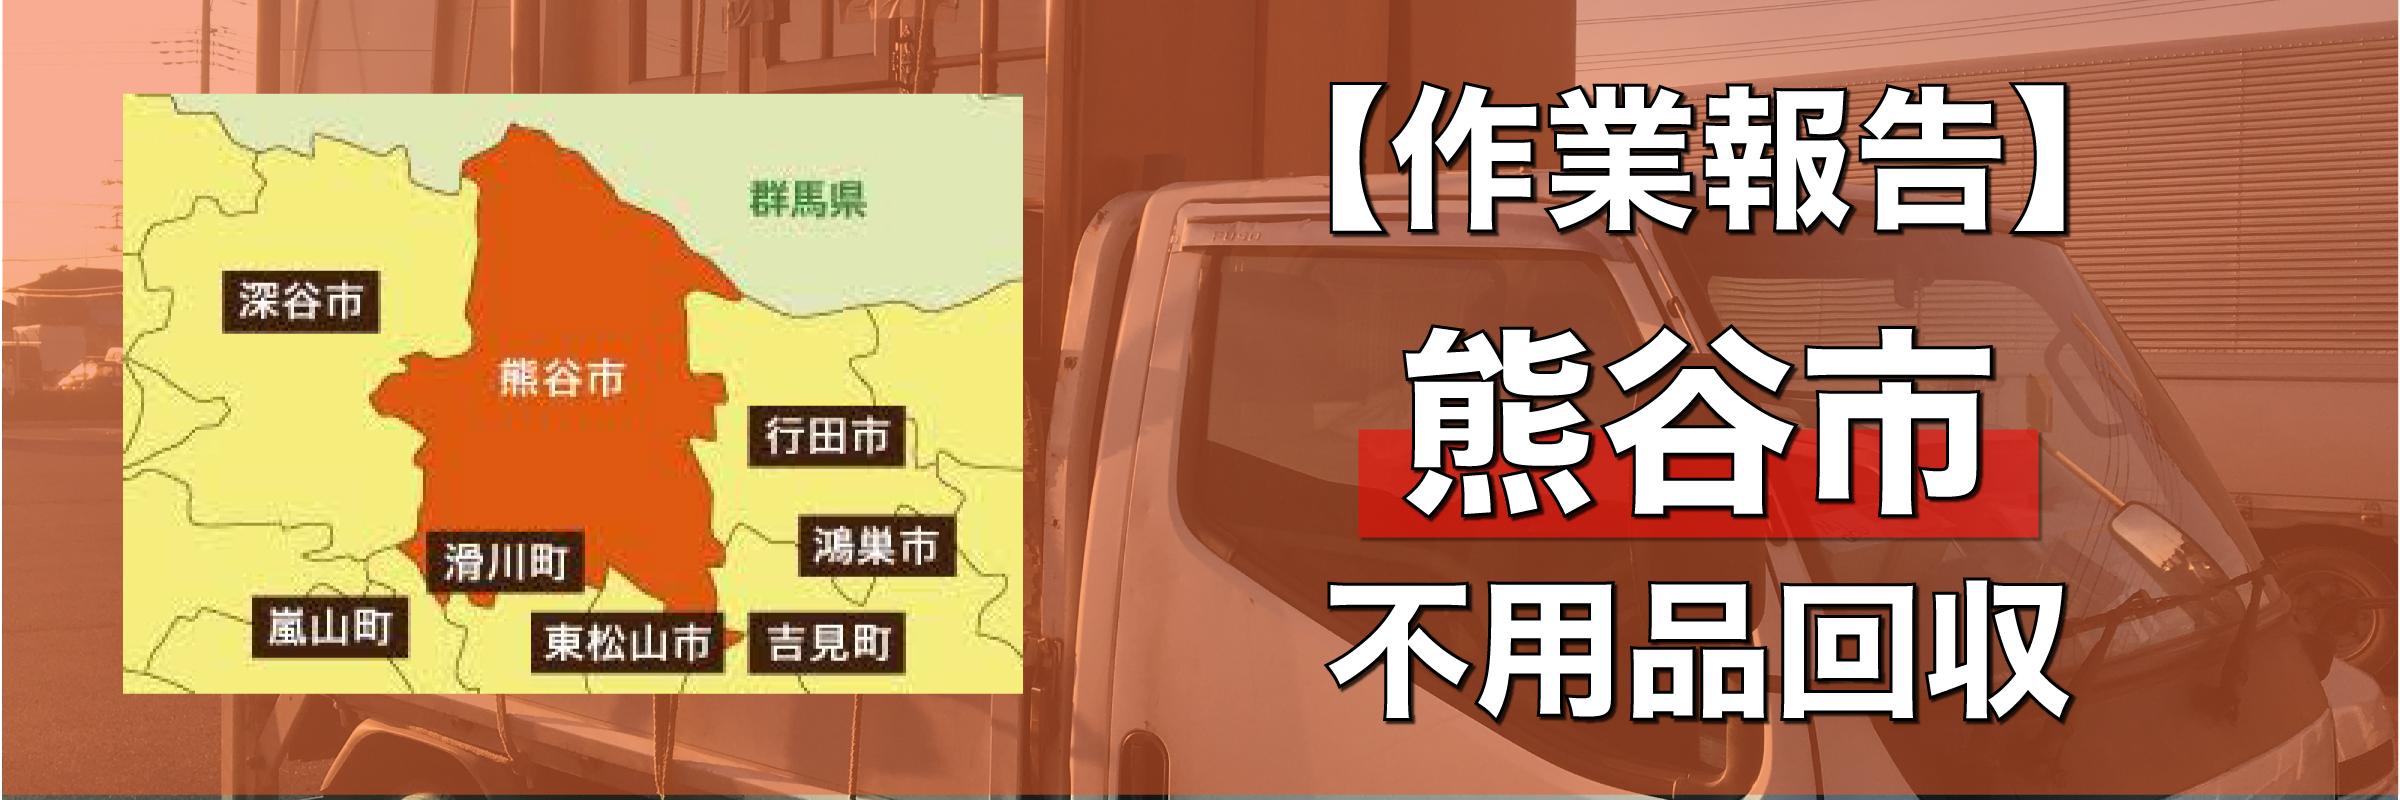 熊谷市作業報告画像